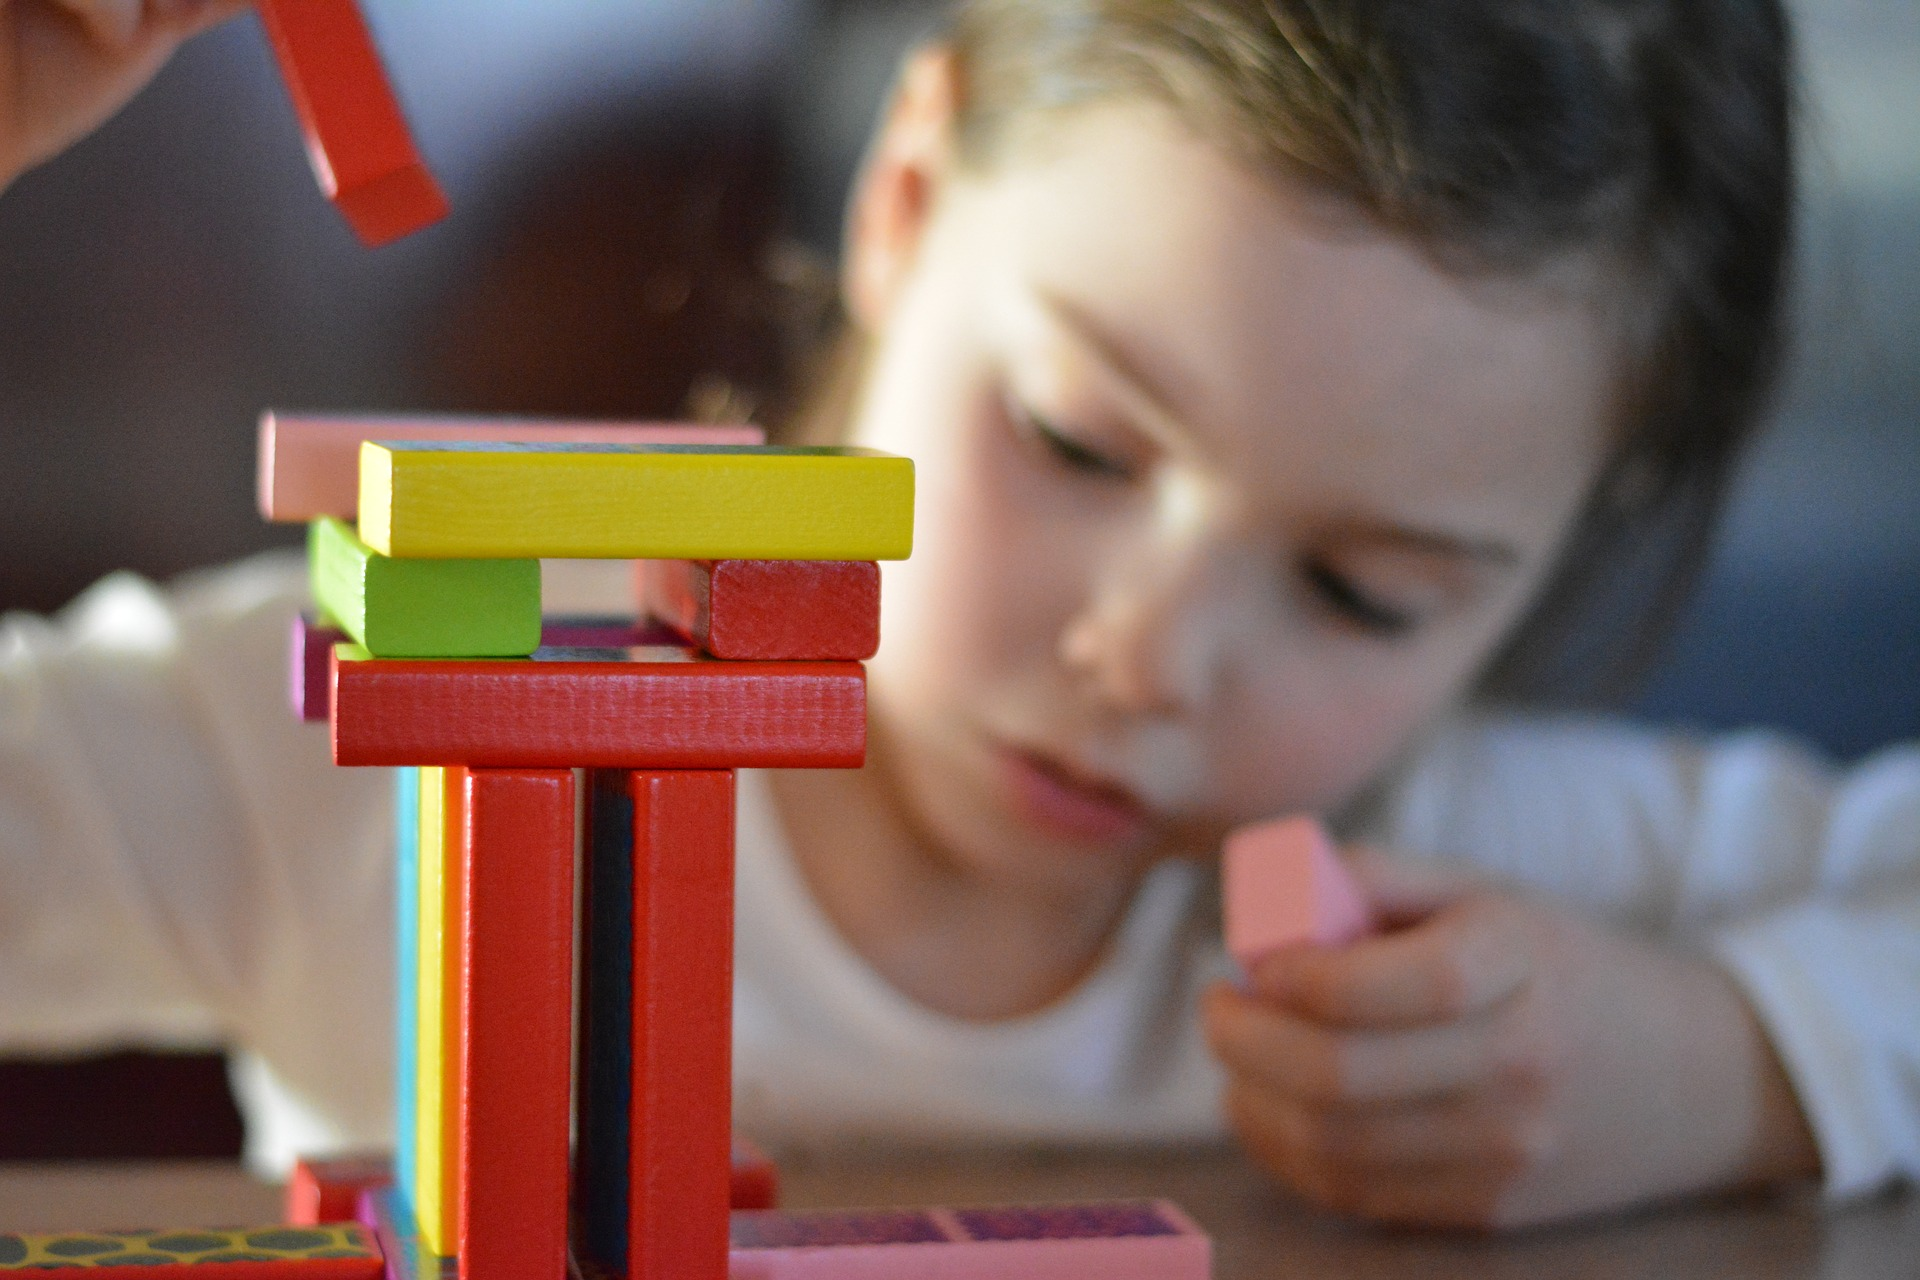 Wizyta u psychologa dziecięcego - jak wygląda w praktyce?